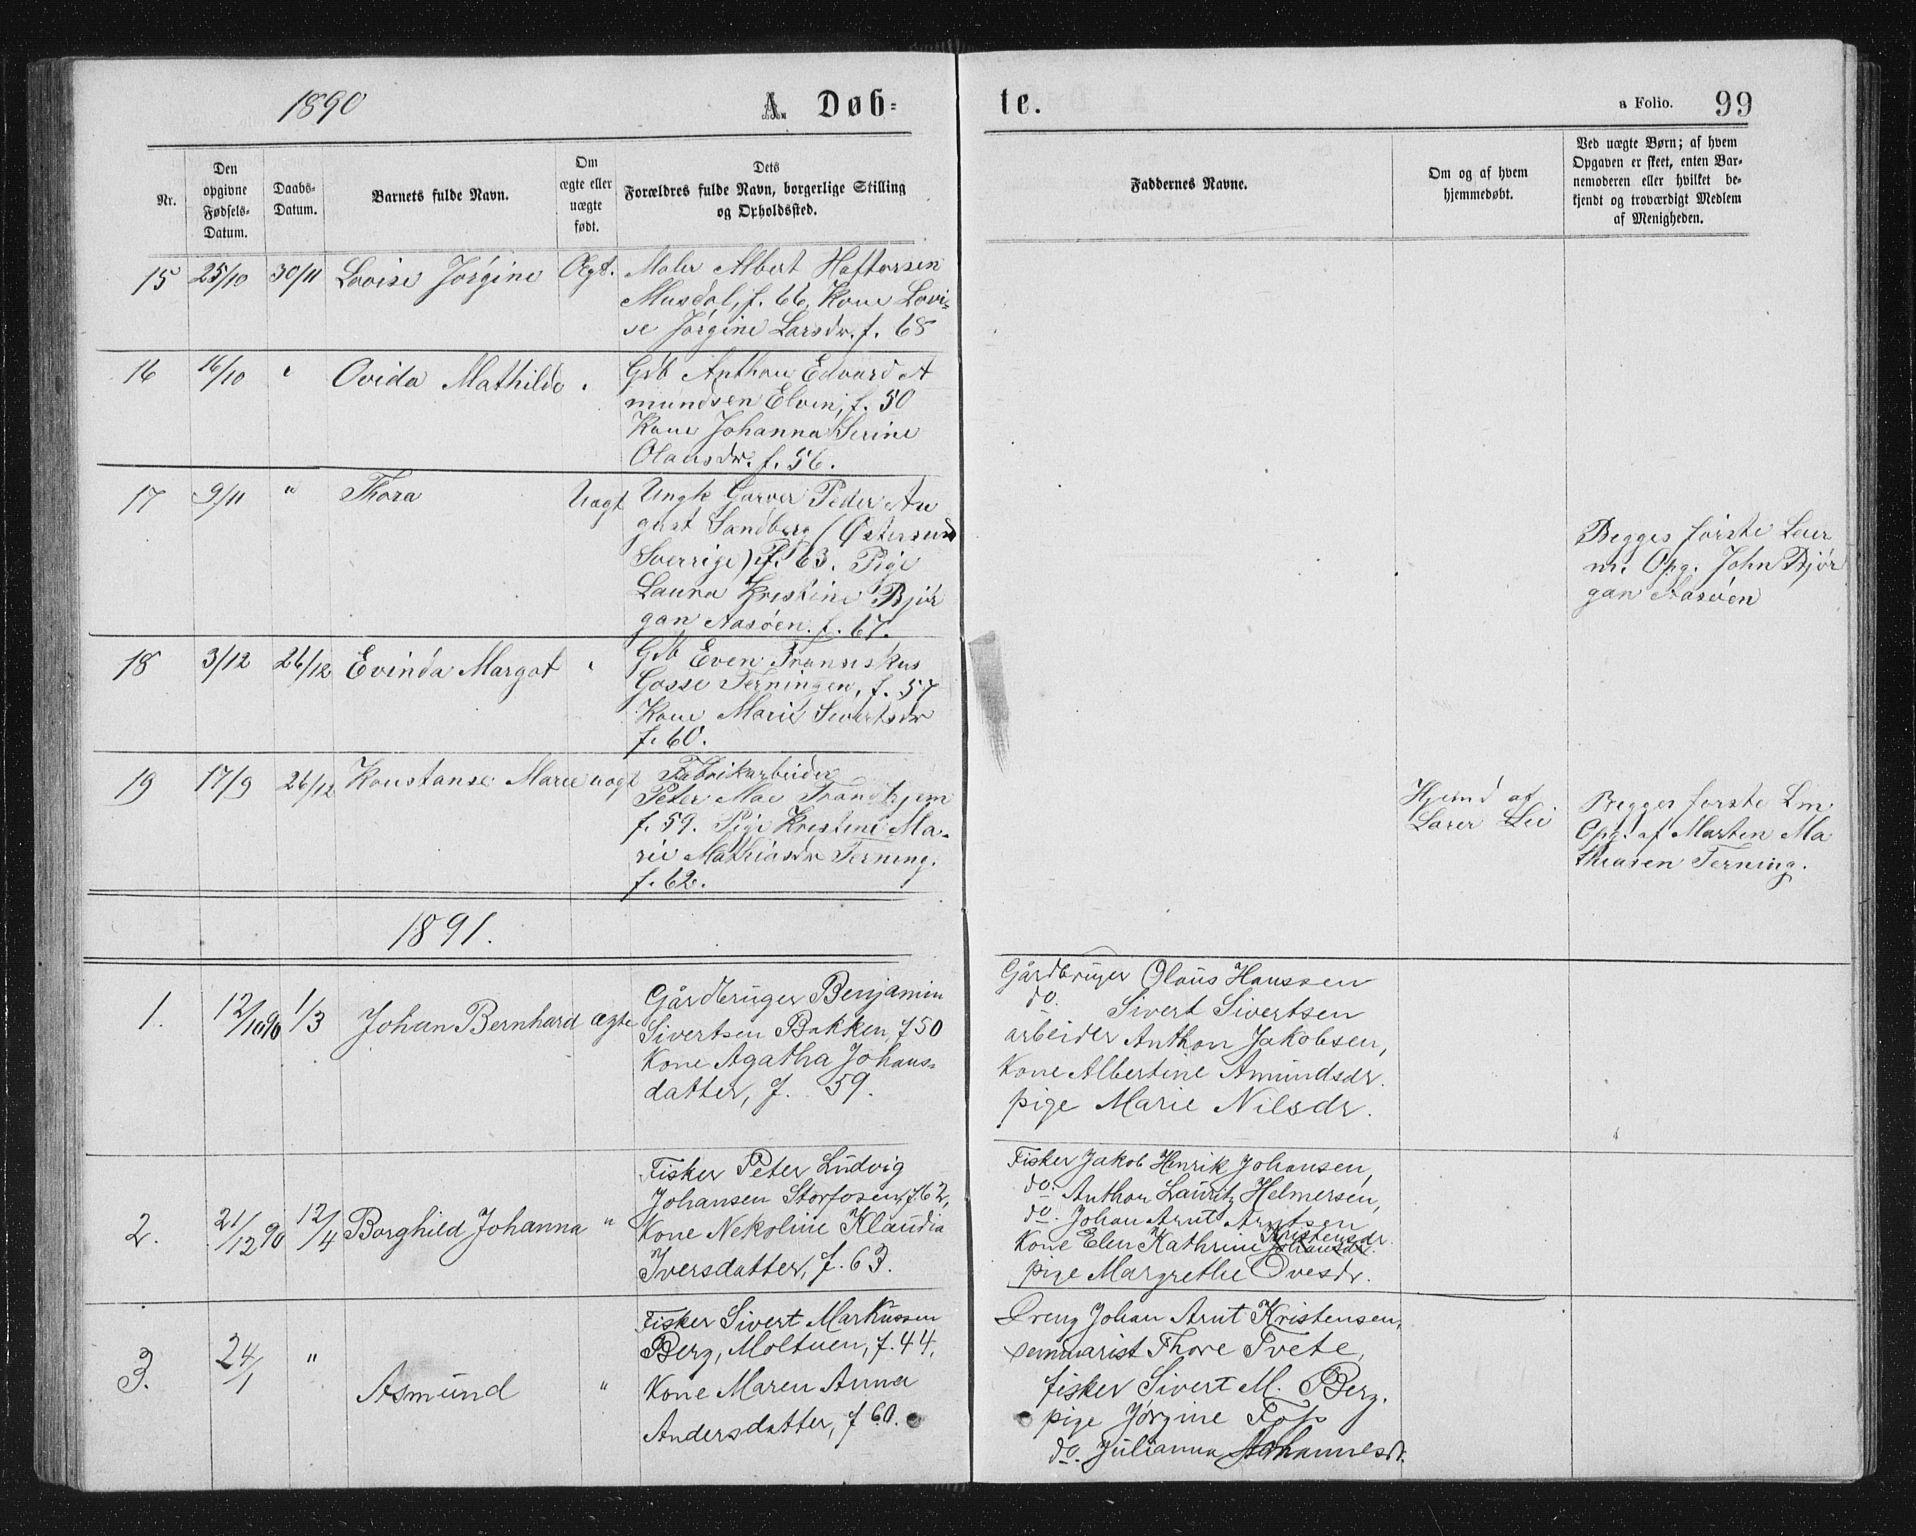 SAT, Ministerialprotokoller, klokkerbøker og fødselsregistre - Sør-Trøndelag, 662/L0756: Klokkerbok nr. 662C01, 1869-1891, s. 99